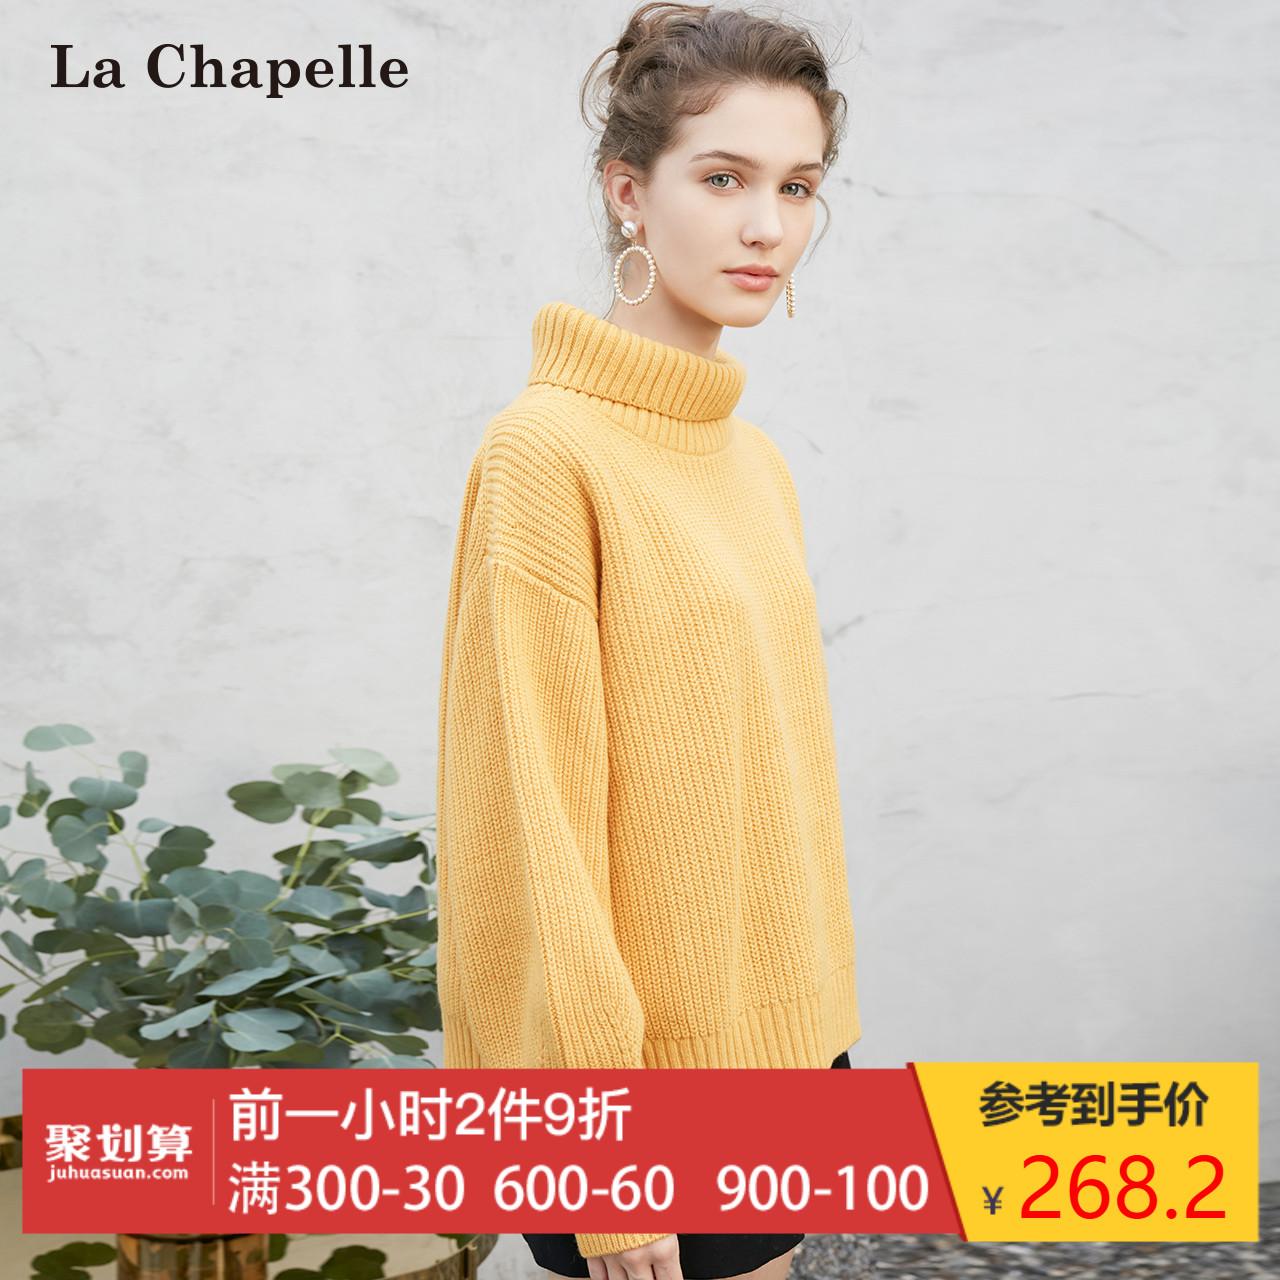 羊毛毛衣女士2018冬季新款秋宽松chic上衣高领毛衫长袖针织衫